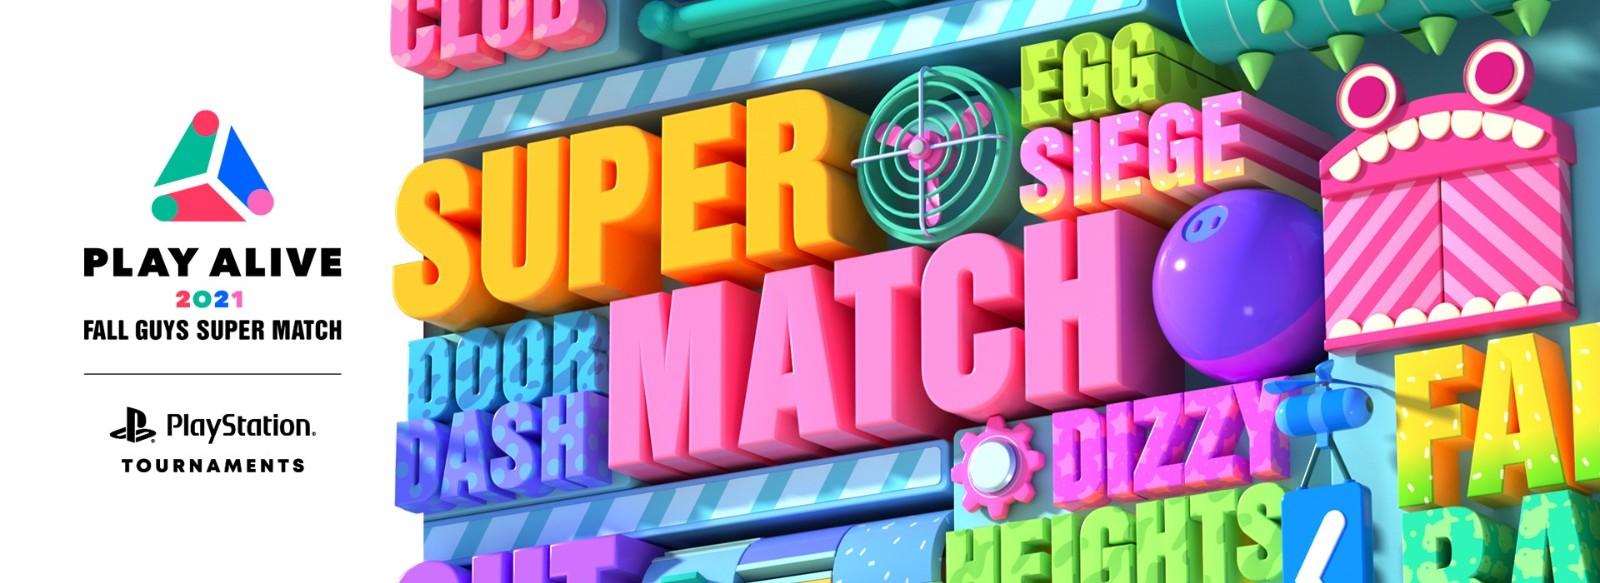 索尼舉行《糖豆人:終極淘汰賽》比賽 獎金百萬日元